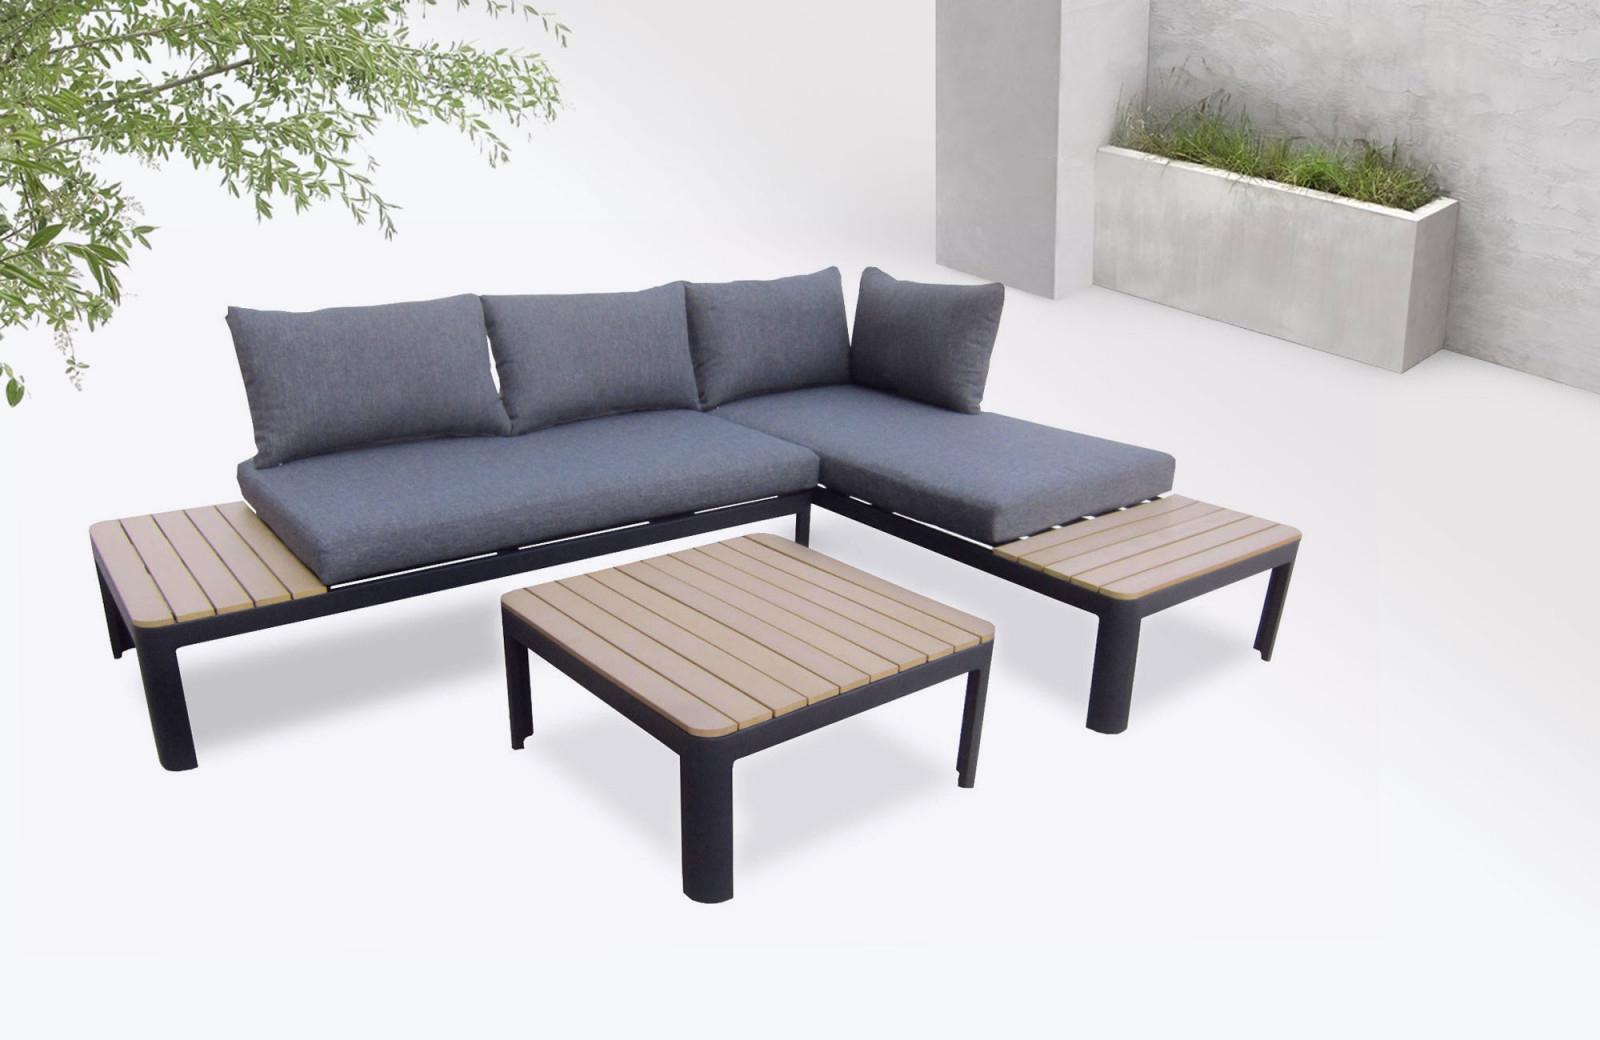 Salon De Jardin Nouveau Garden Furniture Aluminium Ibiza ... avec Salon De Jardin Moorea